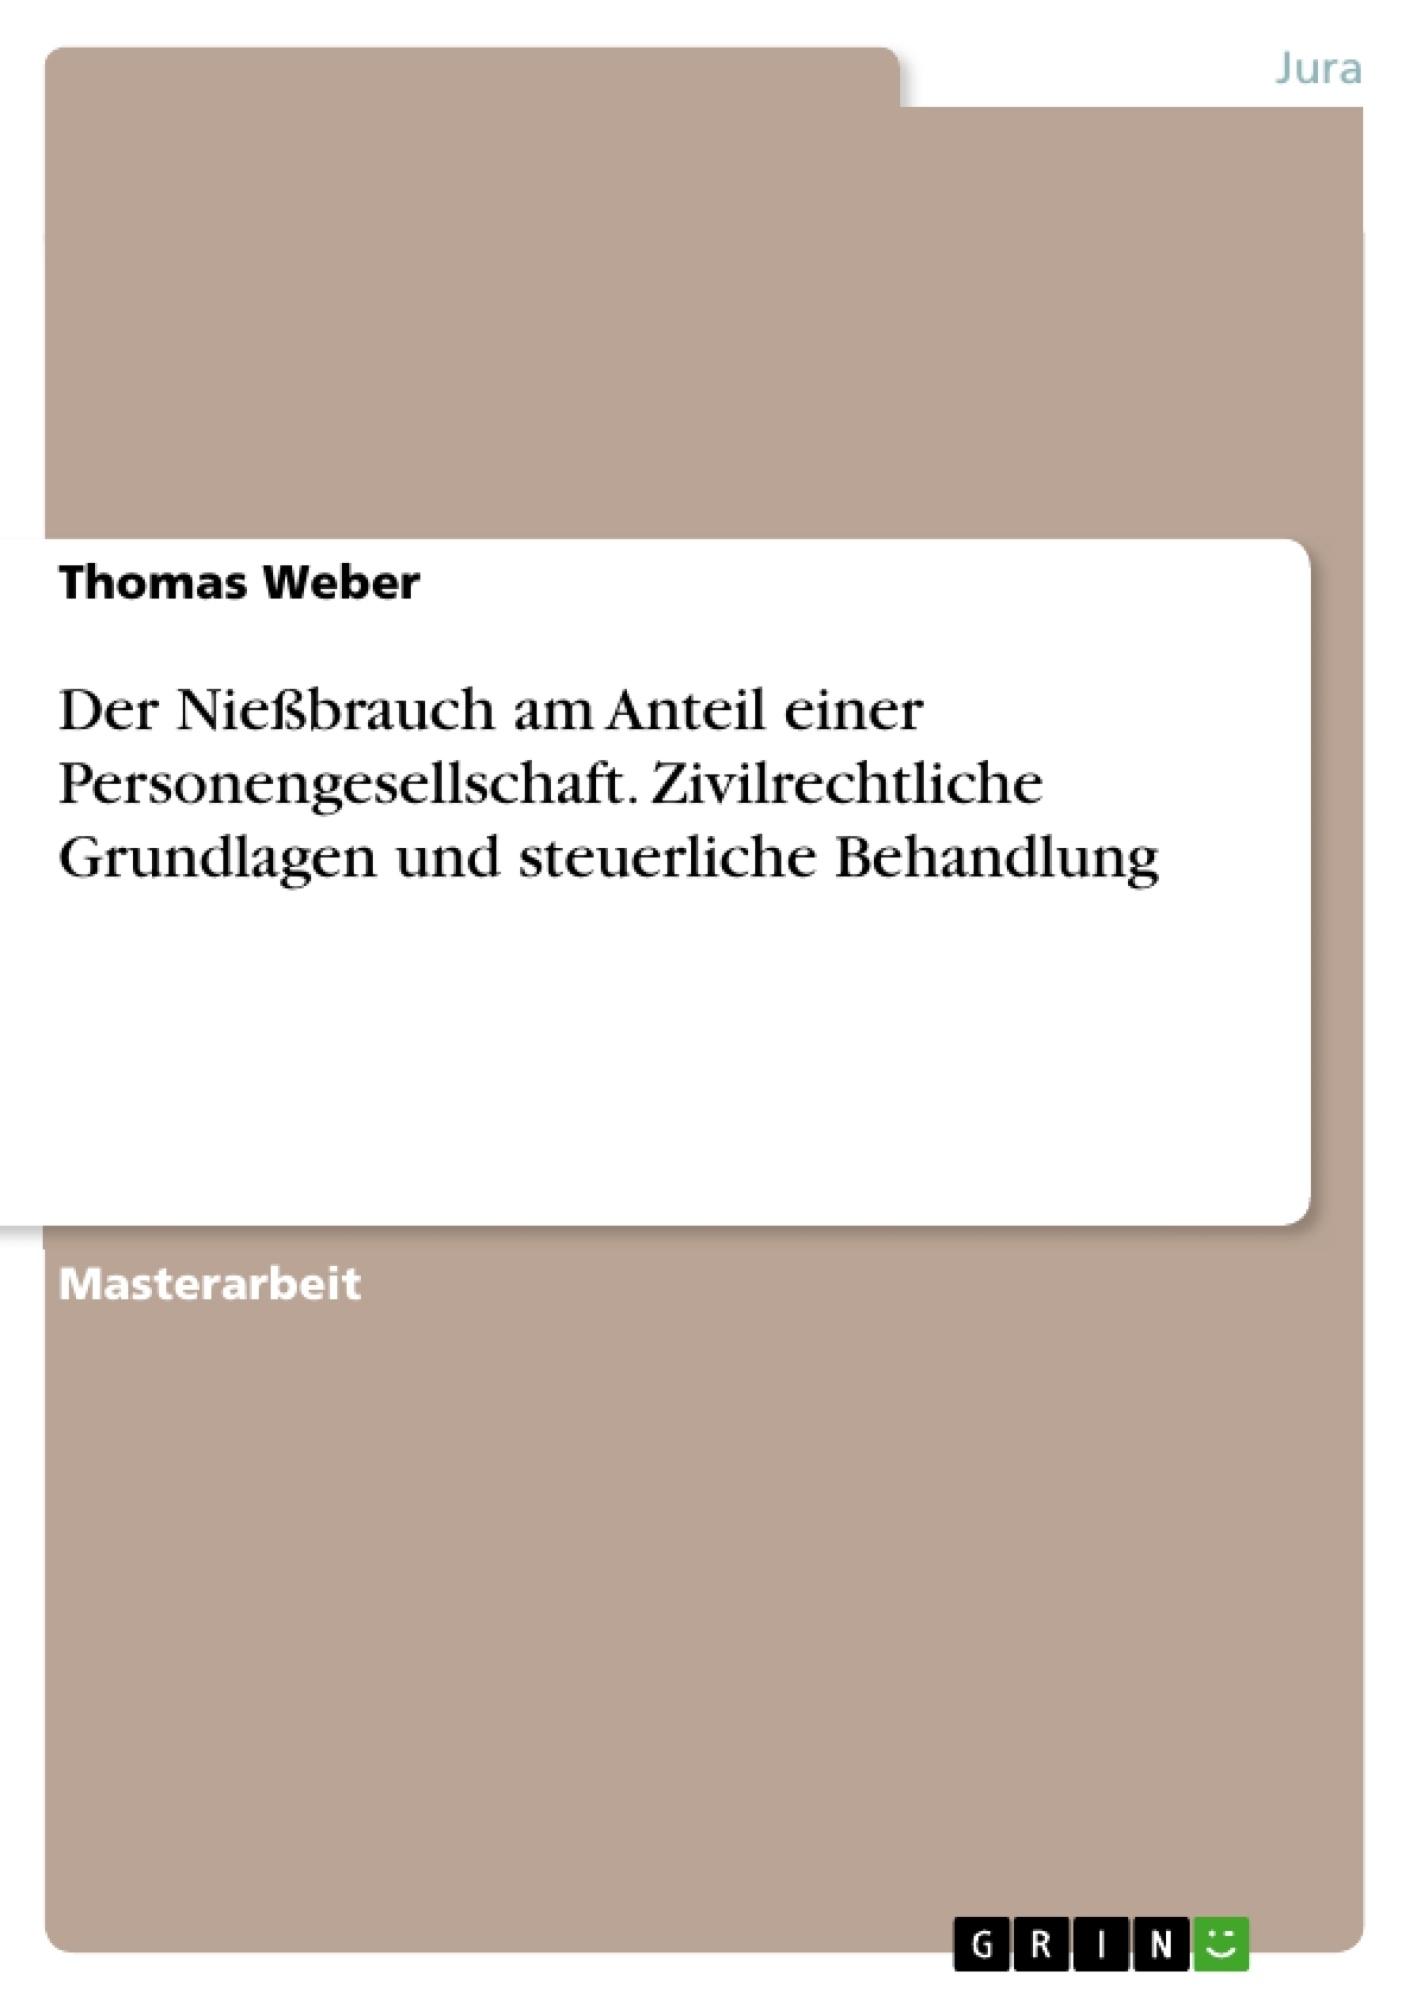 Titel: Der Nießbrauch am Anteil einer Personengesellschaft. Zivilrechtliche Grundlagen und steuerliche Behandlung